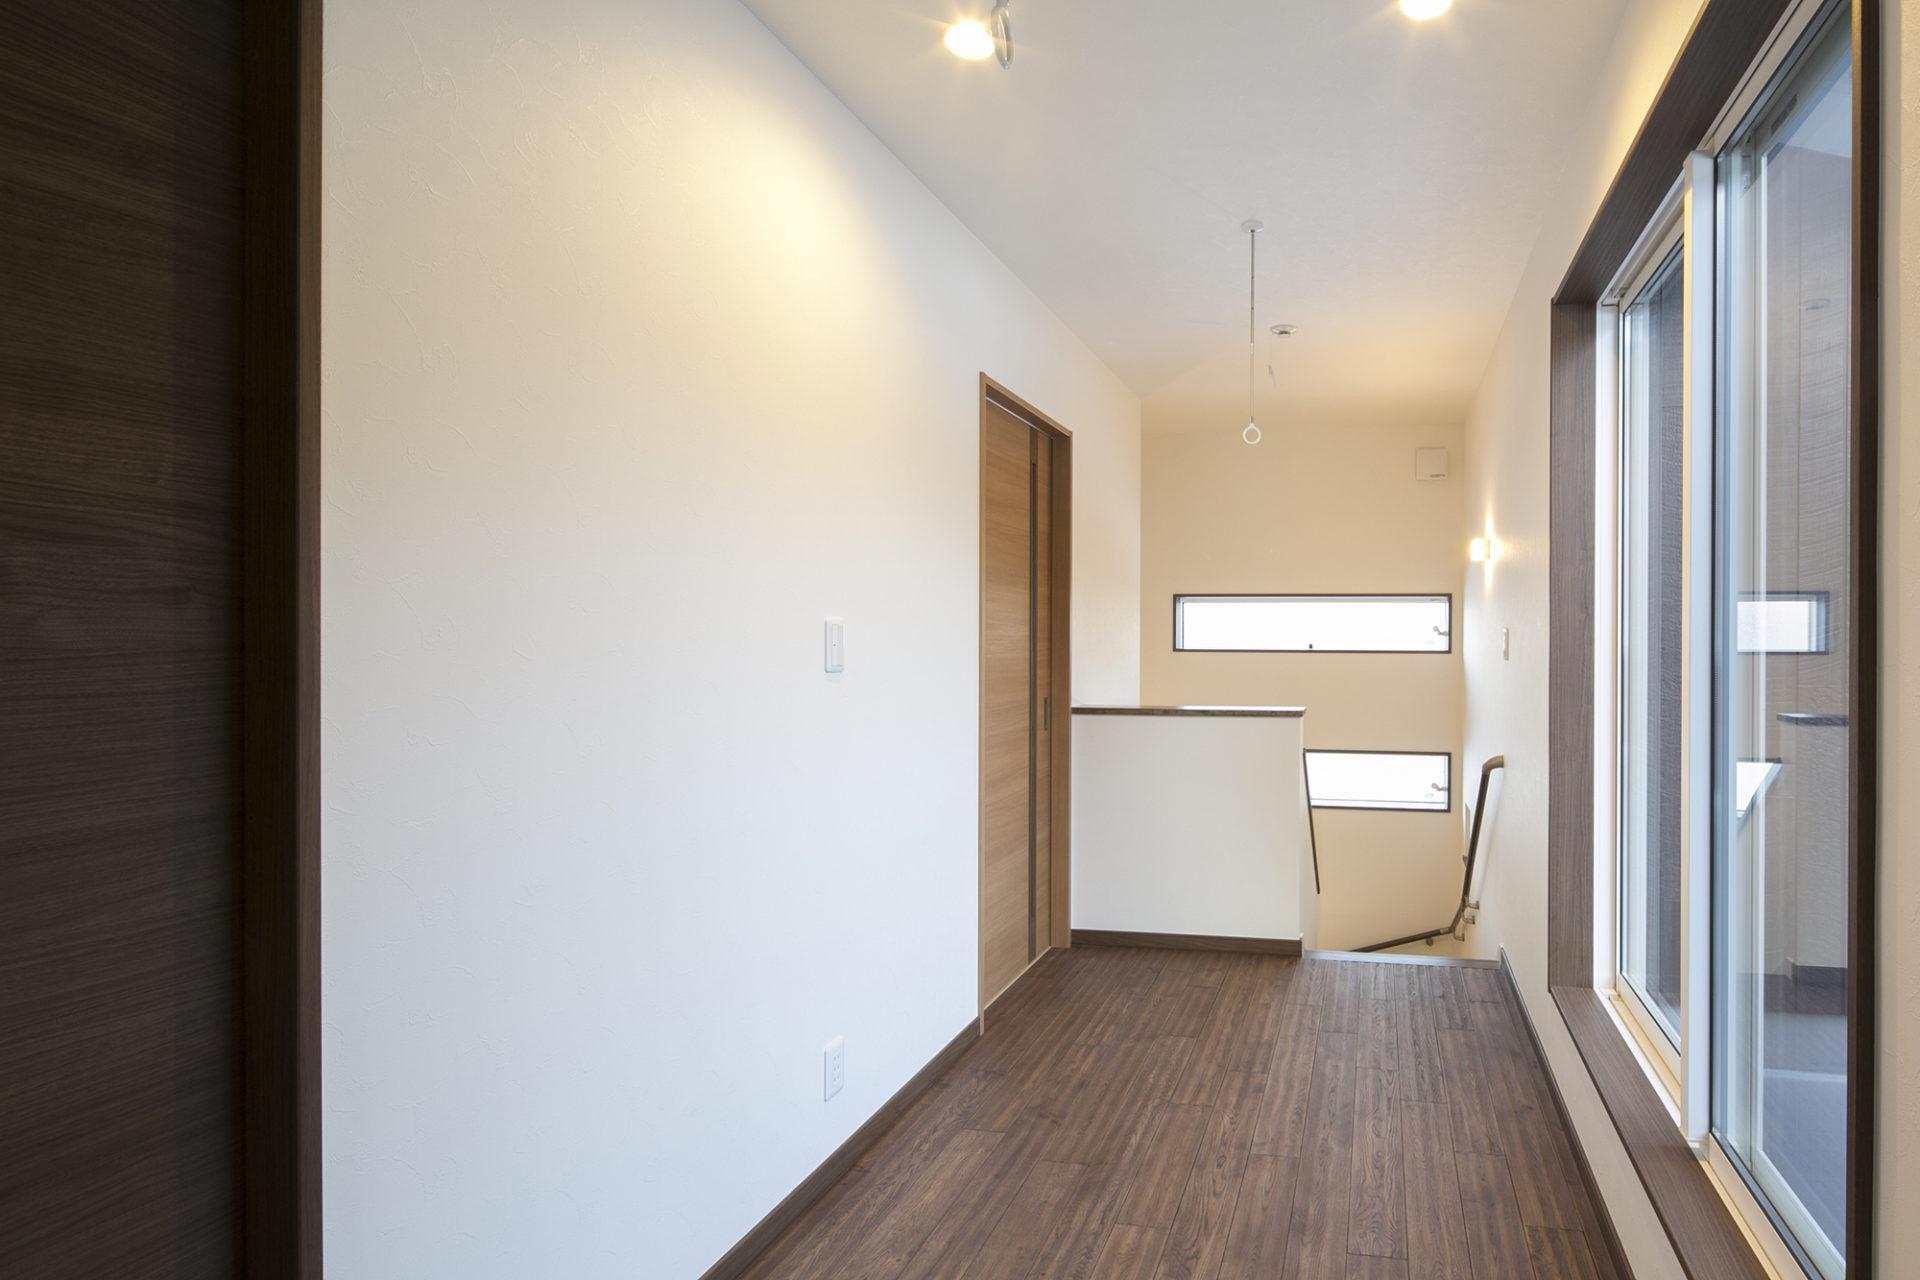 落ち着いた空間と藤色のキッチンが優しい時間を刻む家8